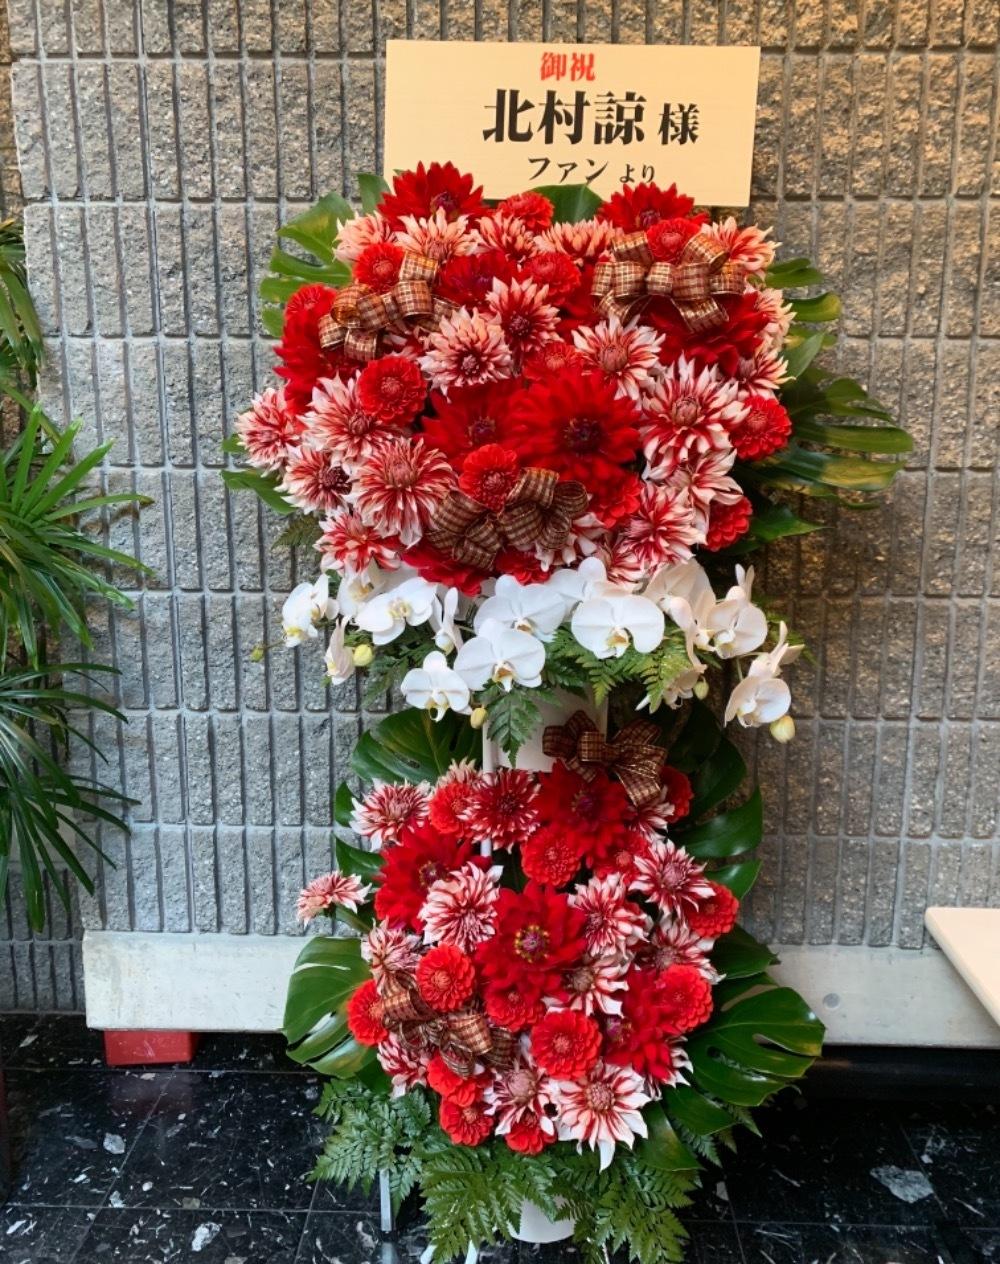 ダリアと胡蝶蘭が印象的な ご出演スタンド花